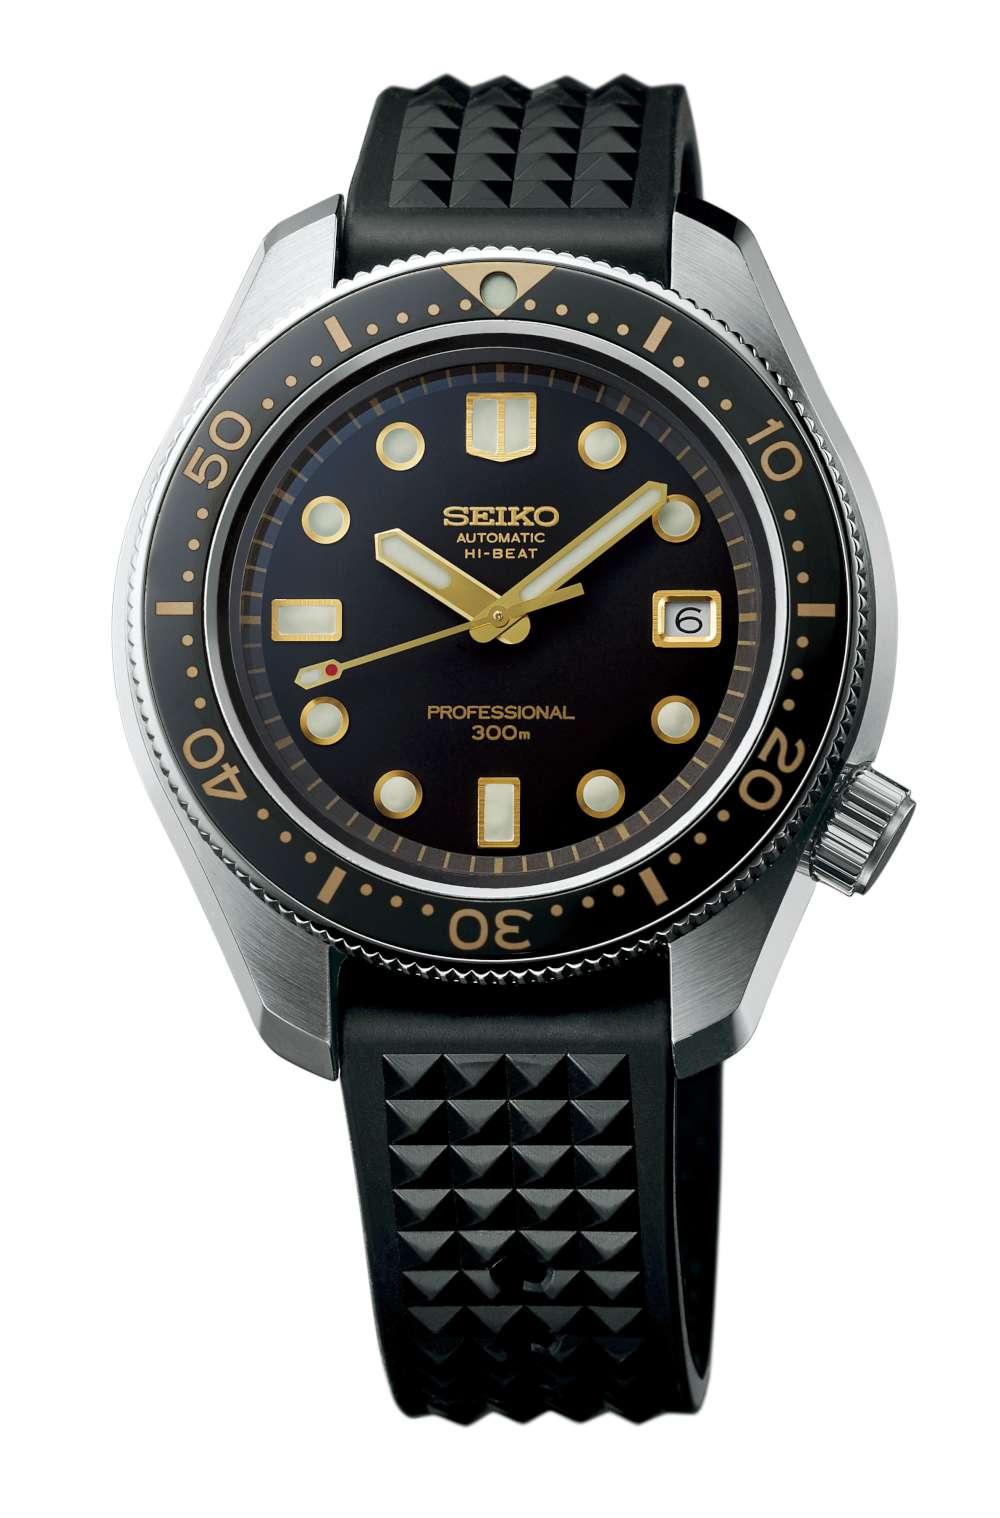 Seiko Prospex Divers dial SLA025 vintage style watch